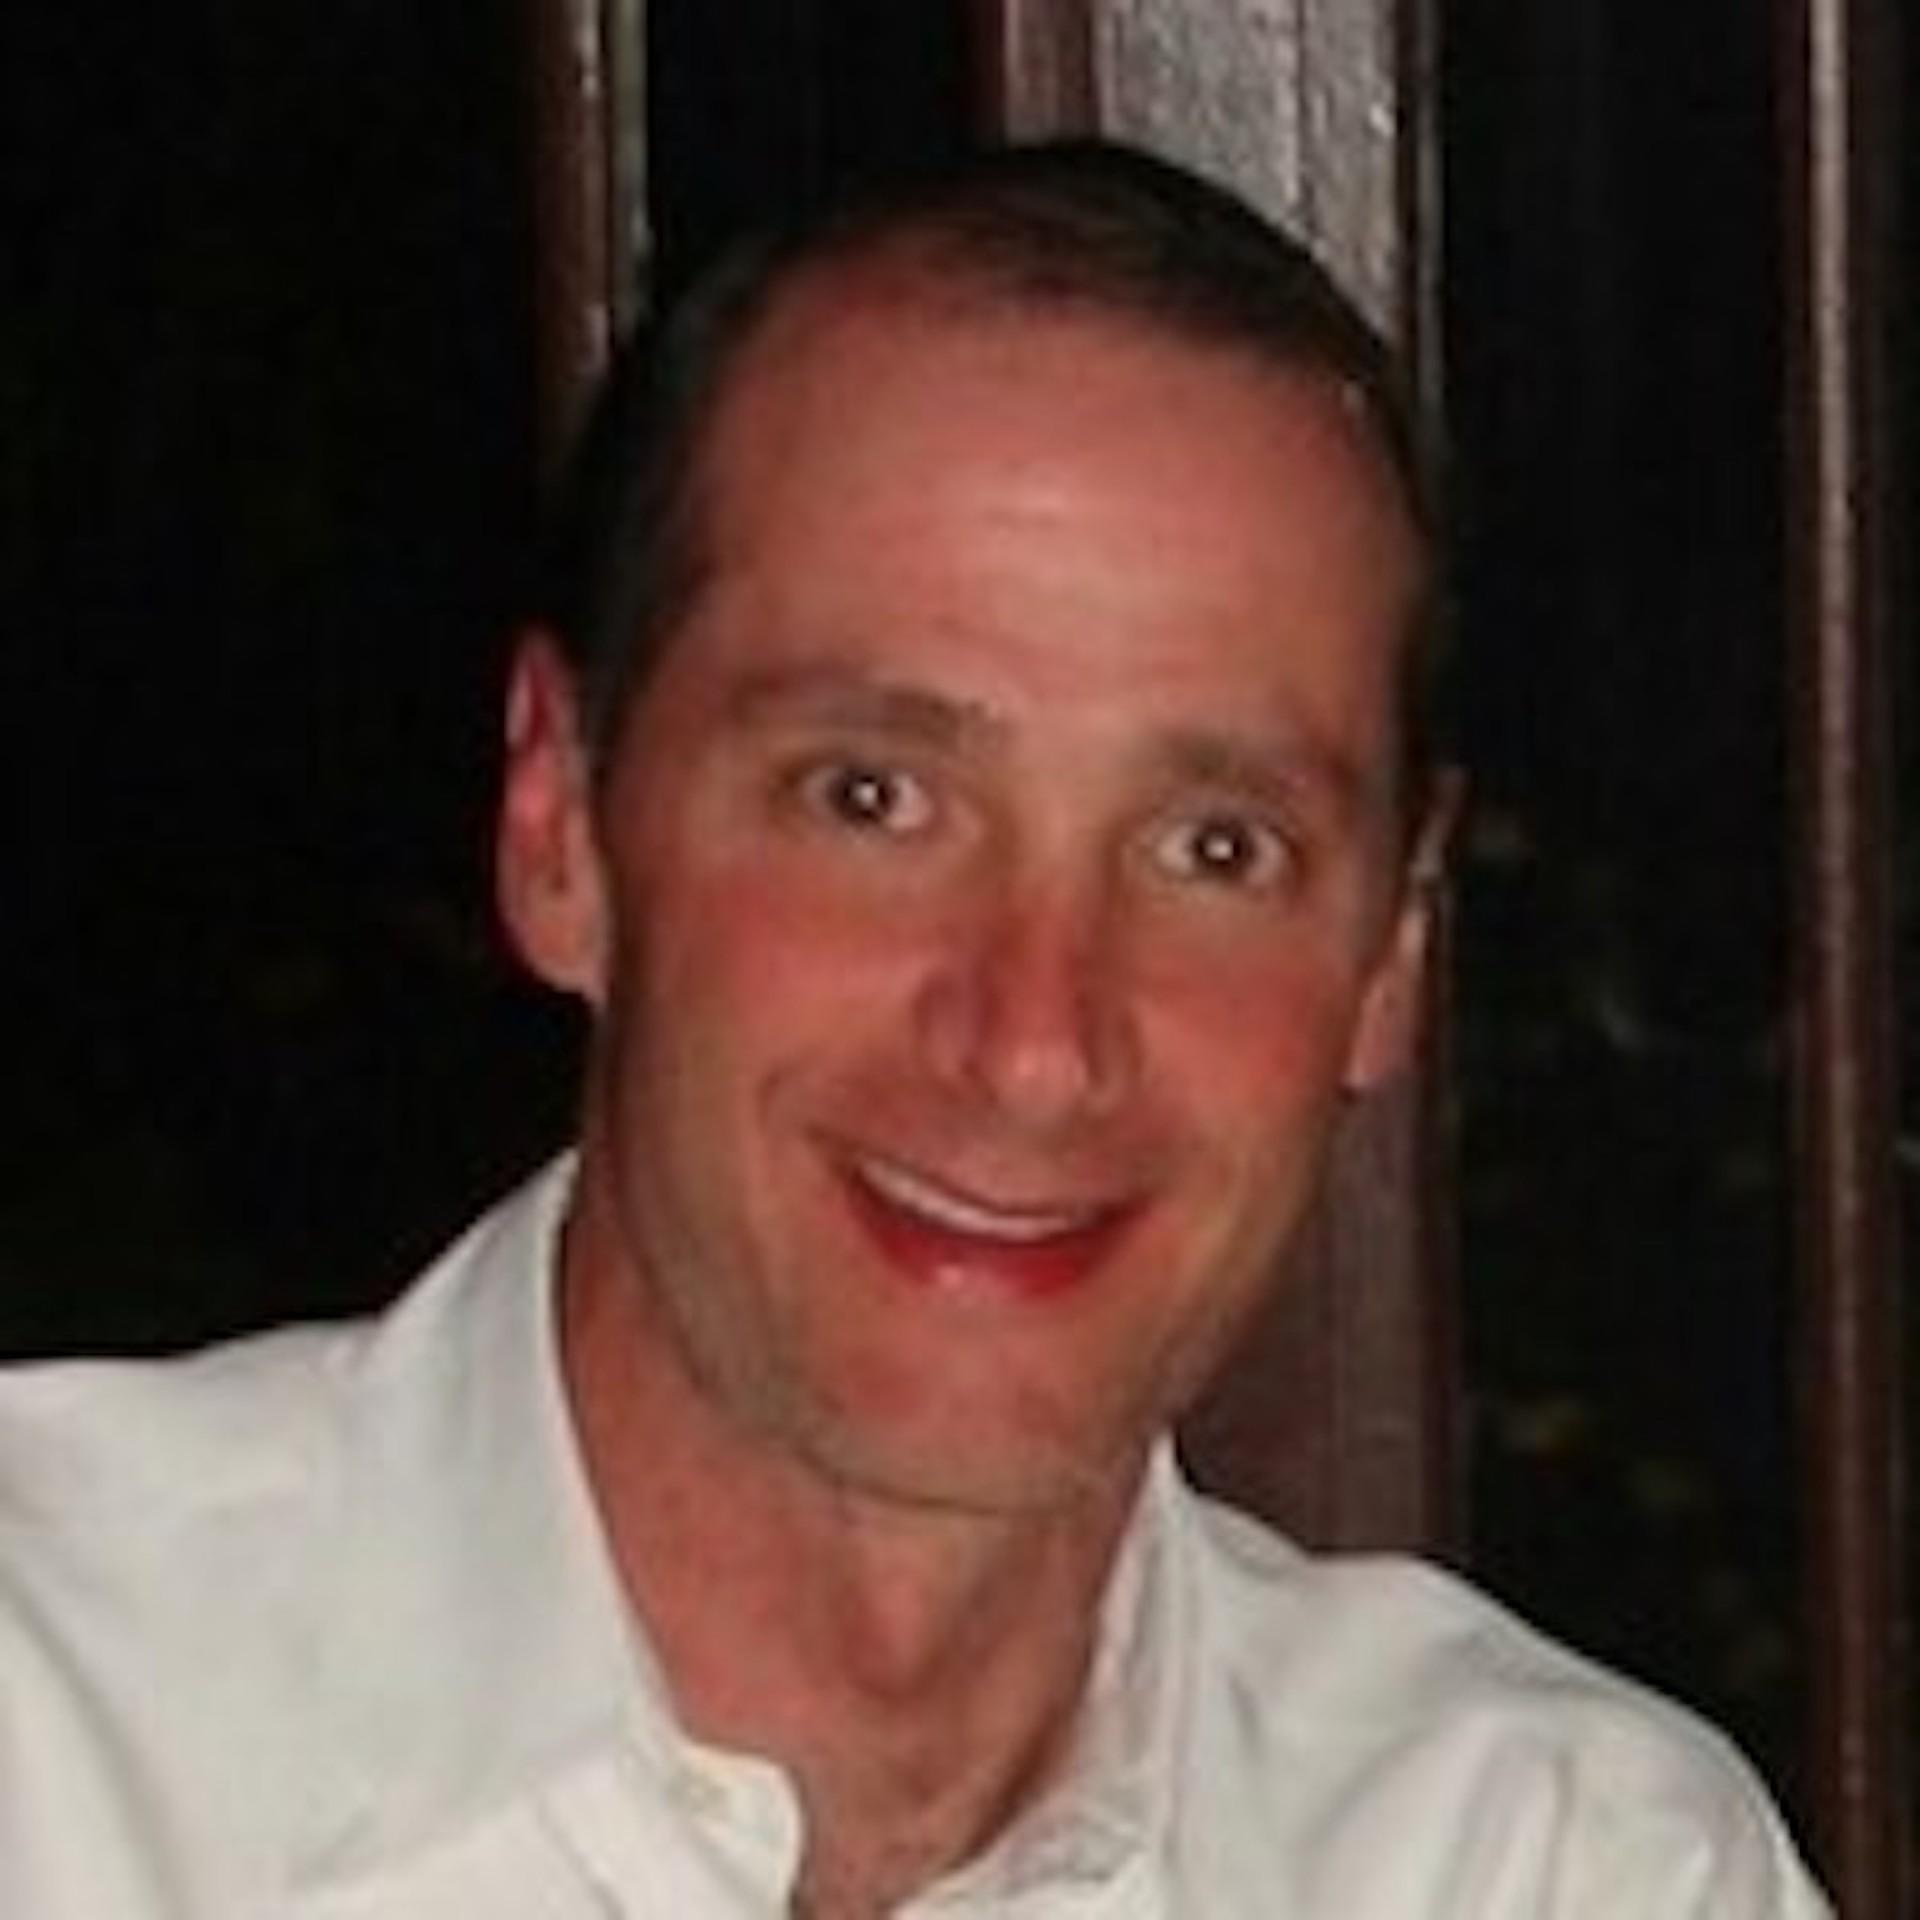 Tom Valvano